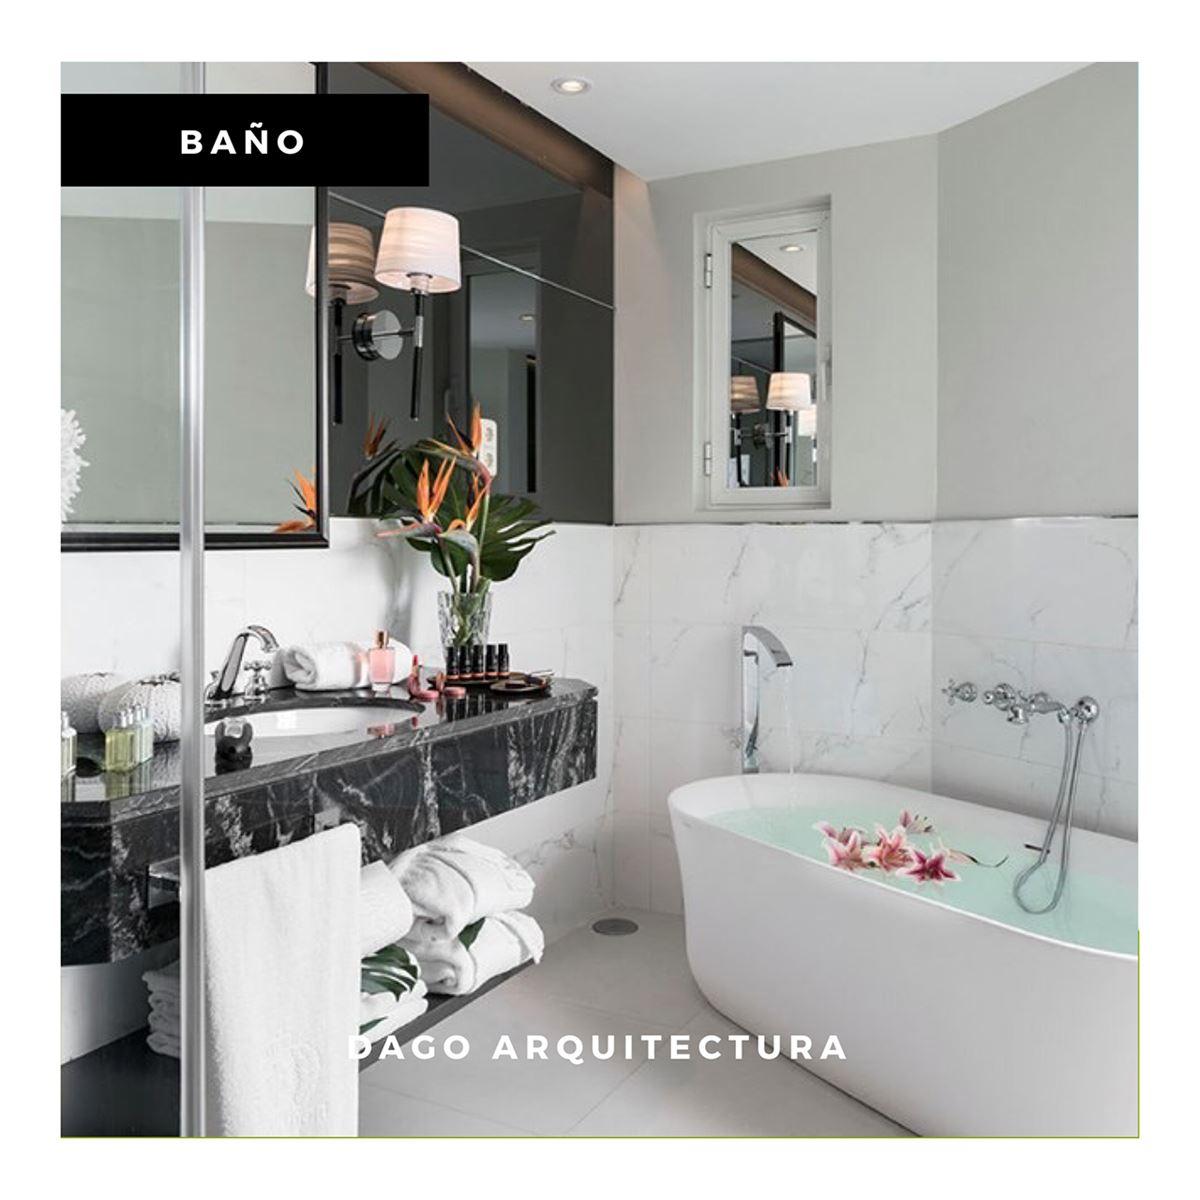 Dago-Arquitectura